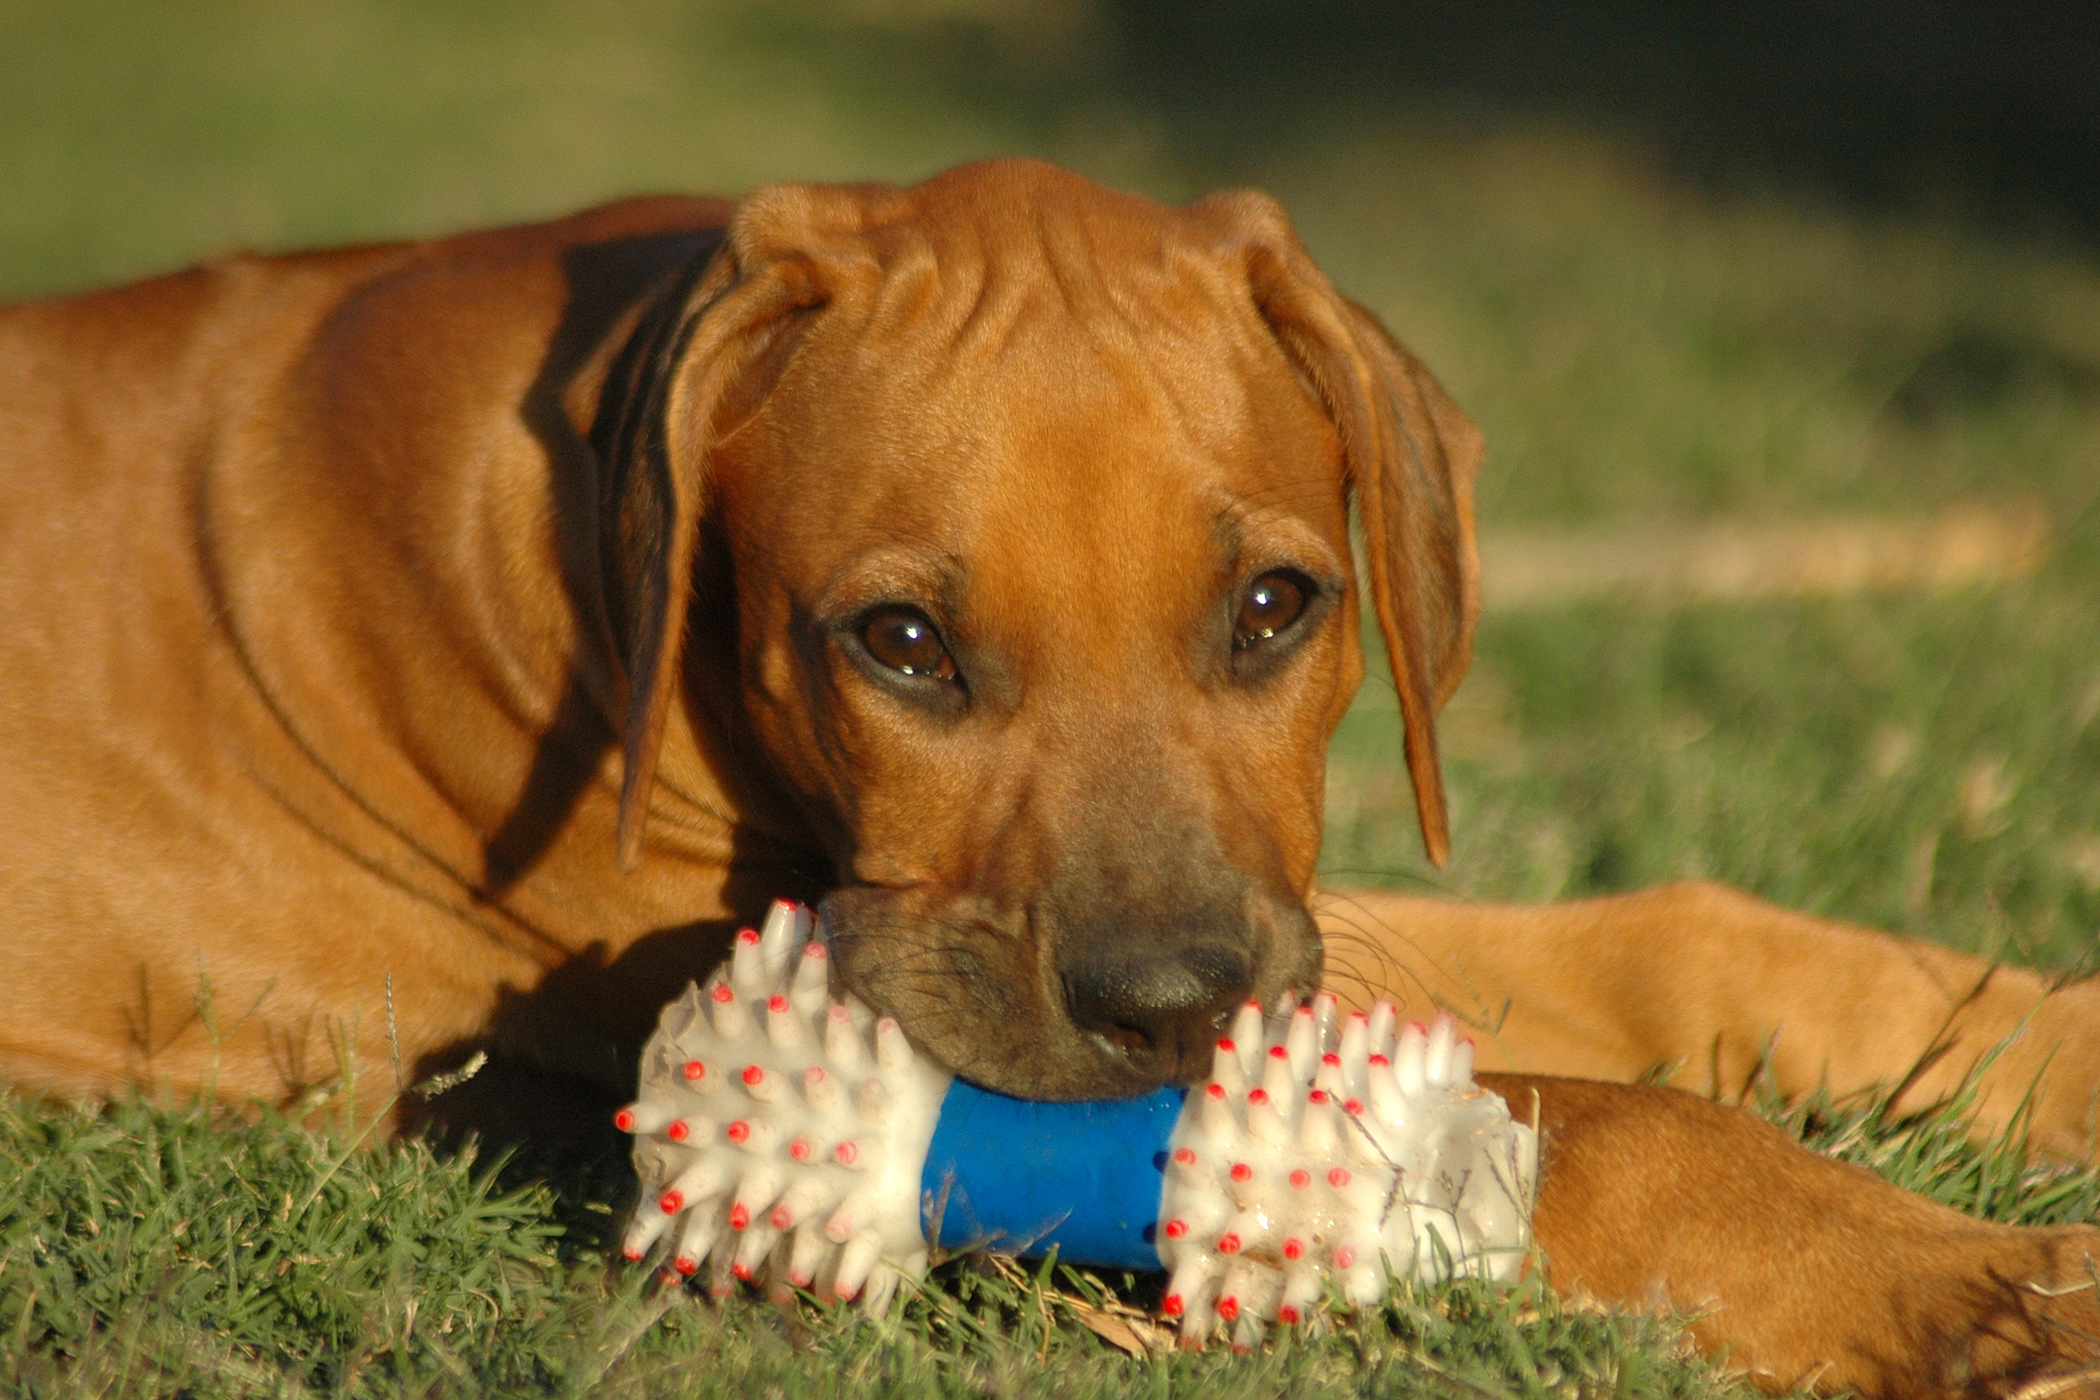 Bronchoscopy in Dogs